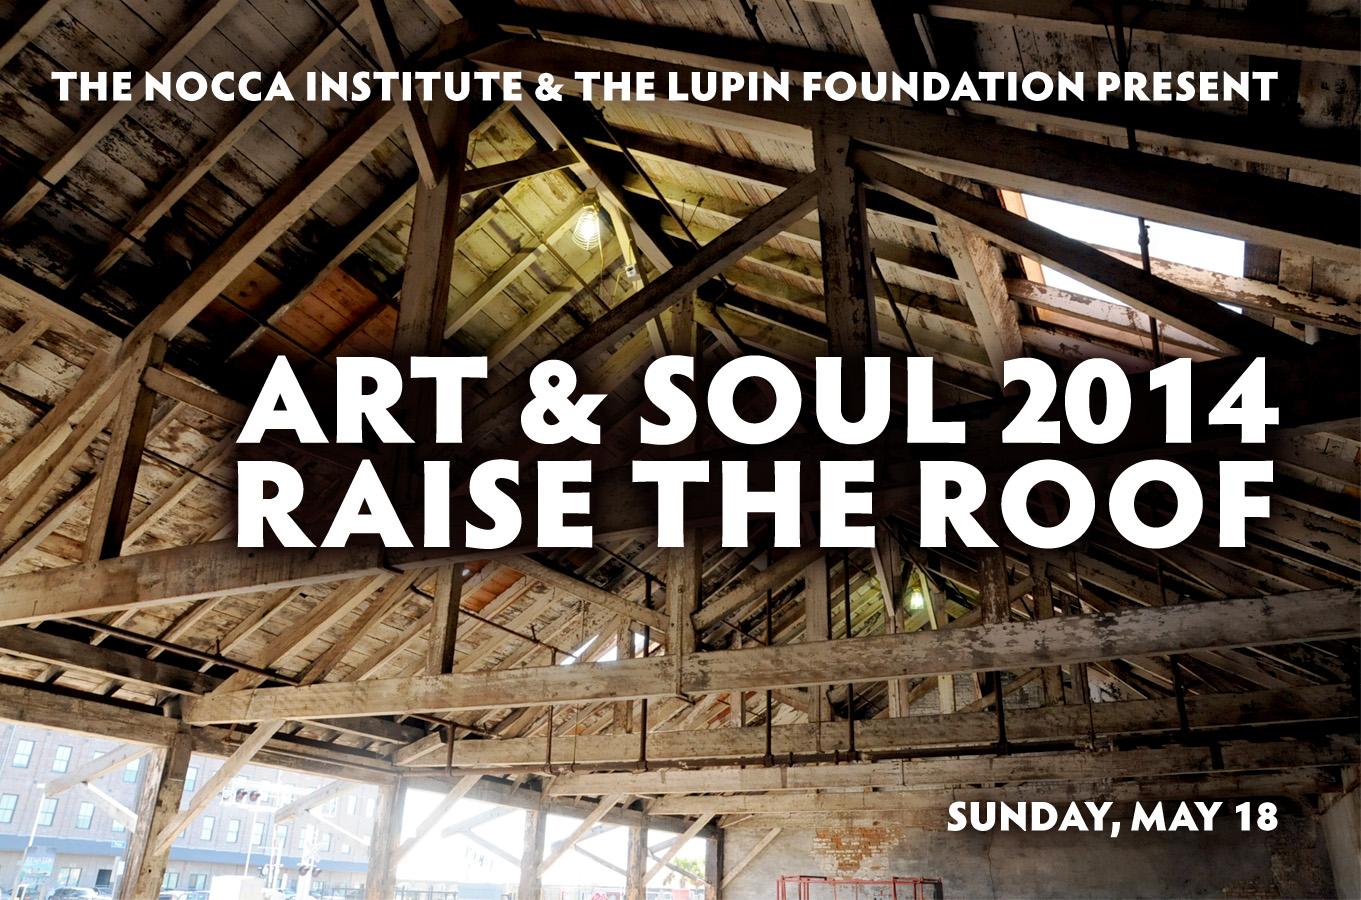 The 2014 ART & SOUL Gala